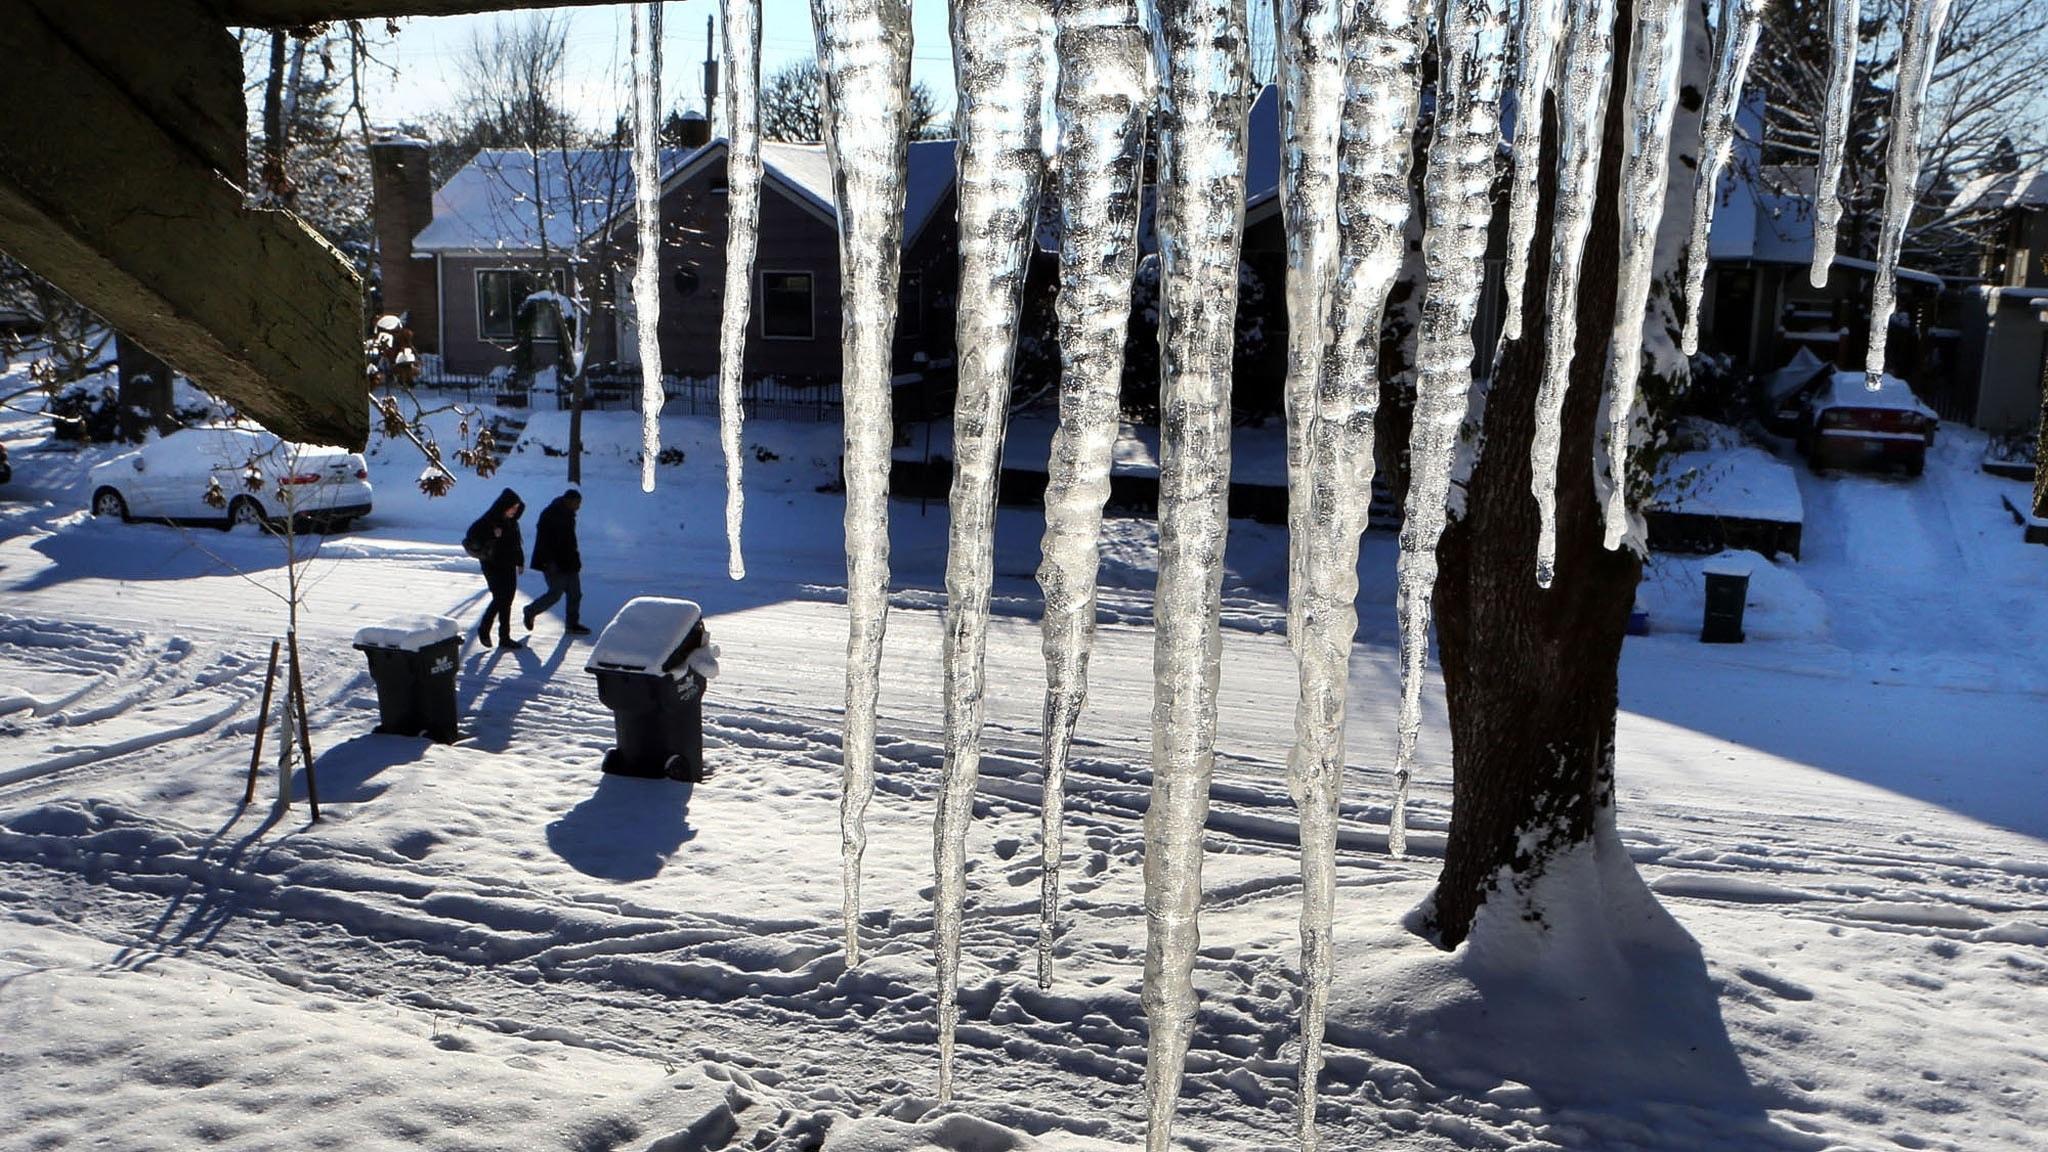 Snö, julmust och generationsskillnader